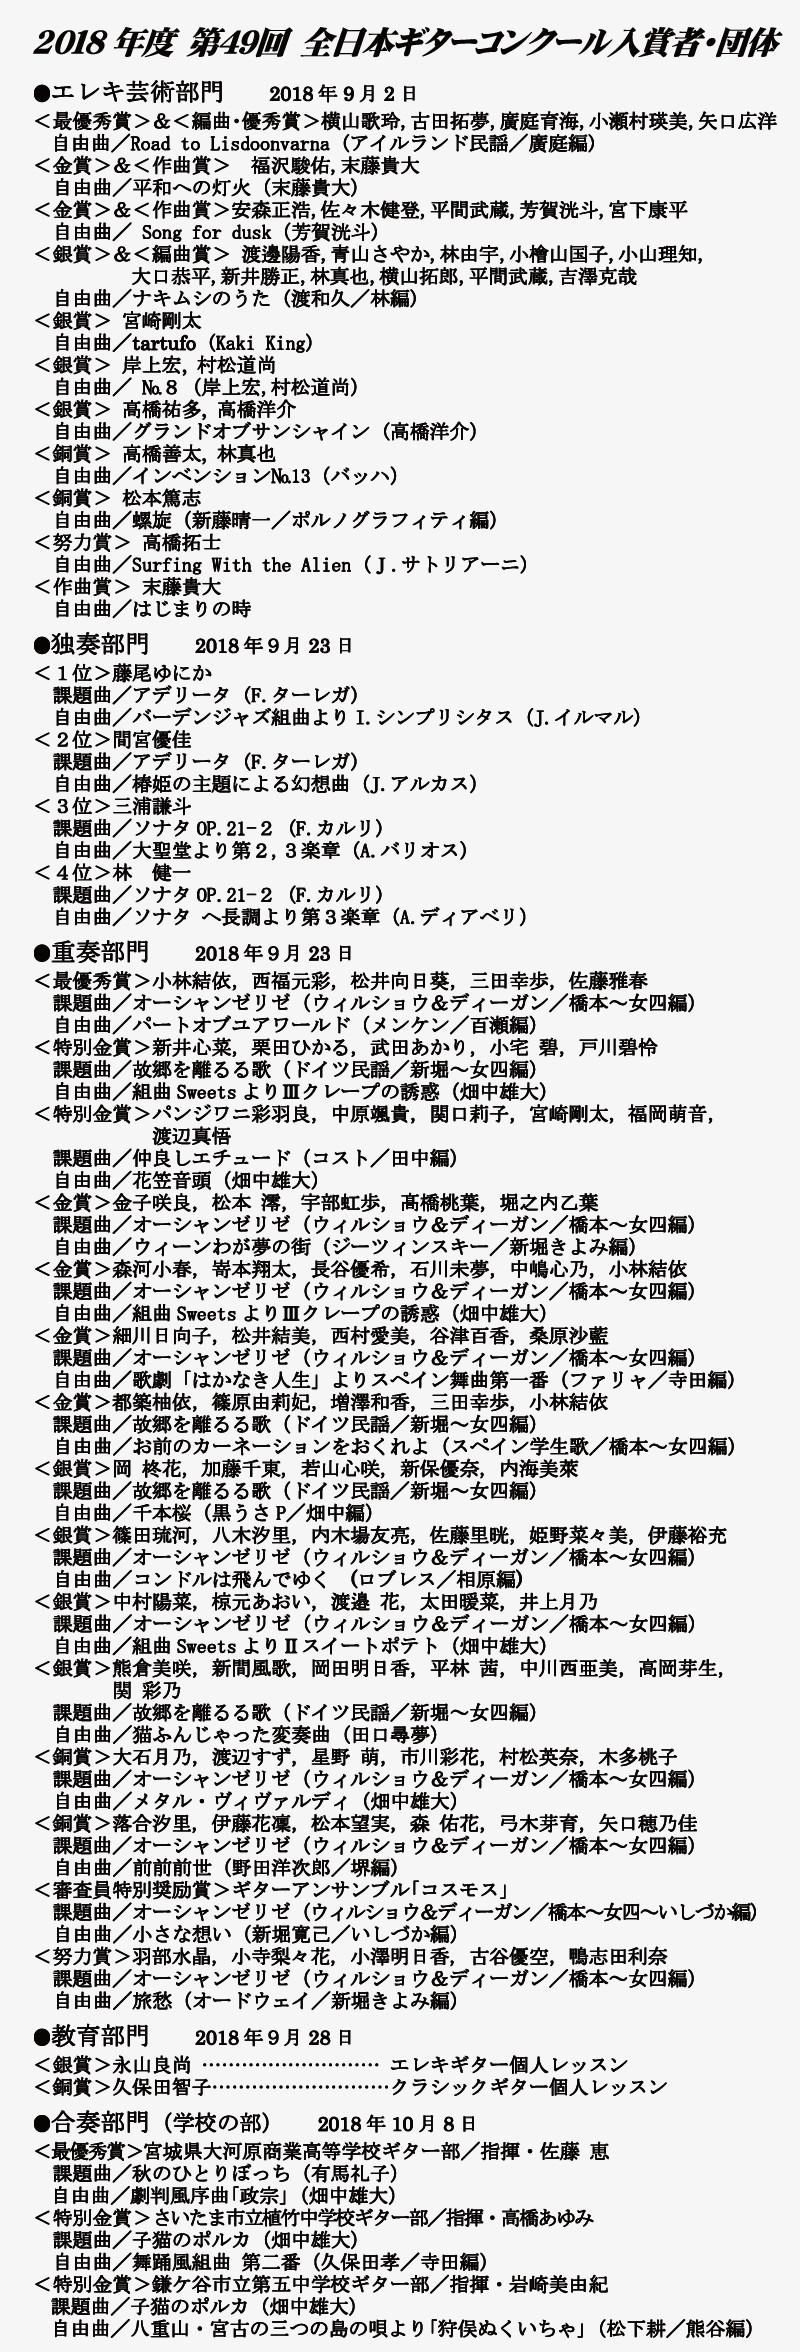 2018年度 第49回 全日本ギターコンクール入賞者一覧